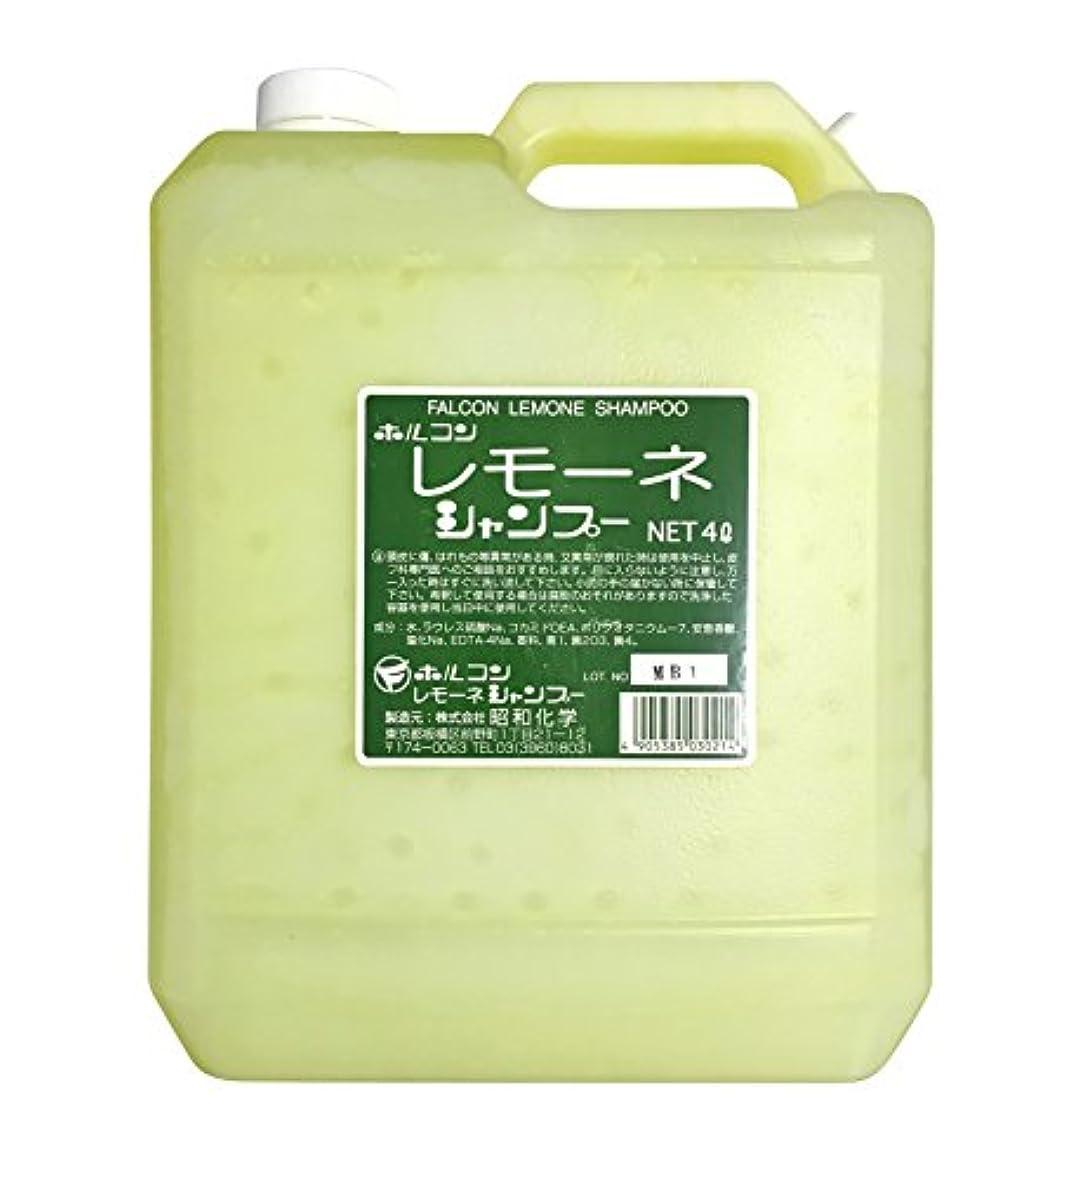 クックモザイク手入れ昭和化学 ホルコン レモーネシャンプー 4000ml